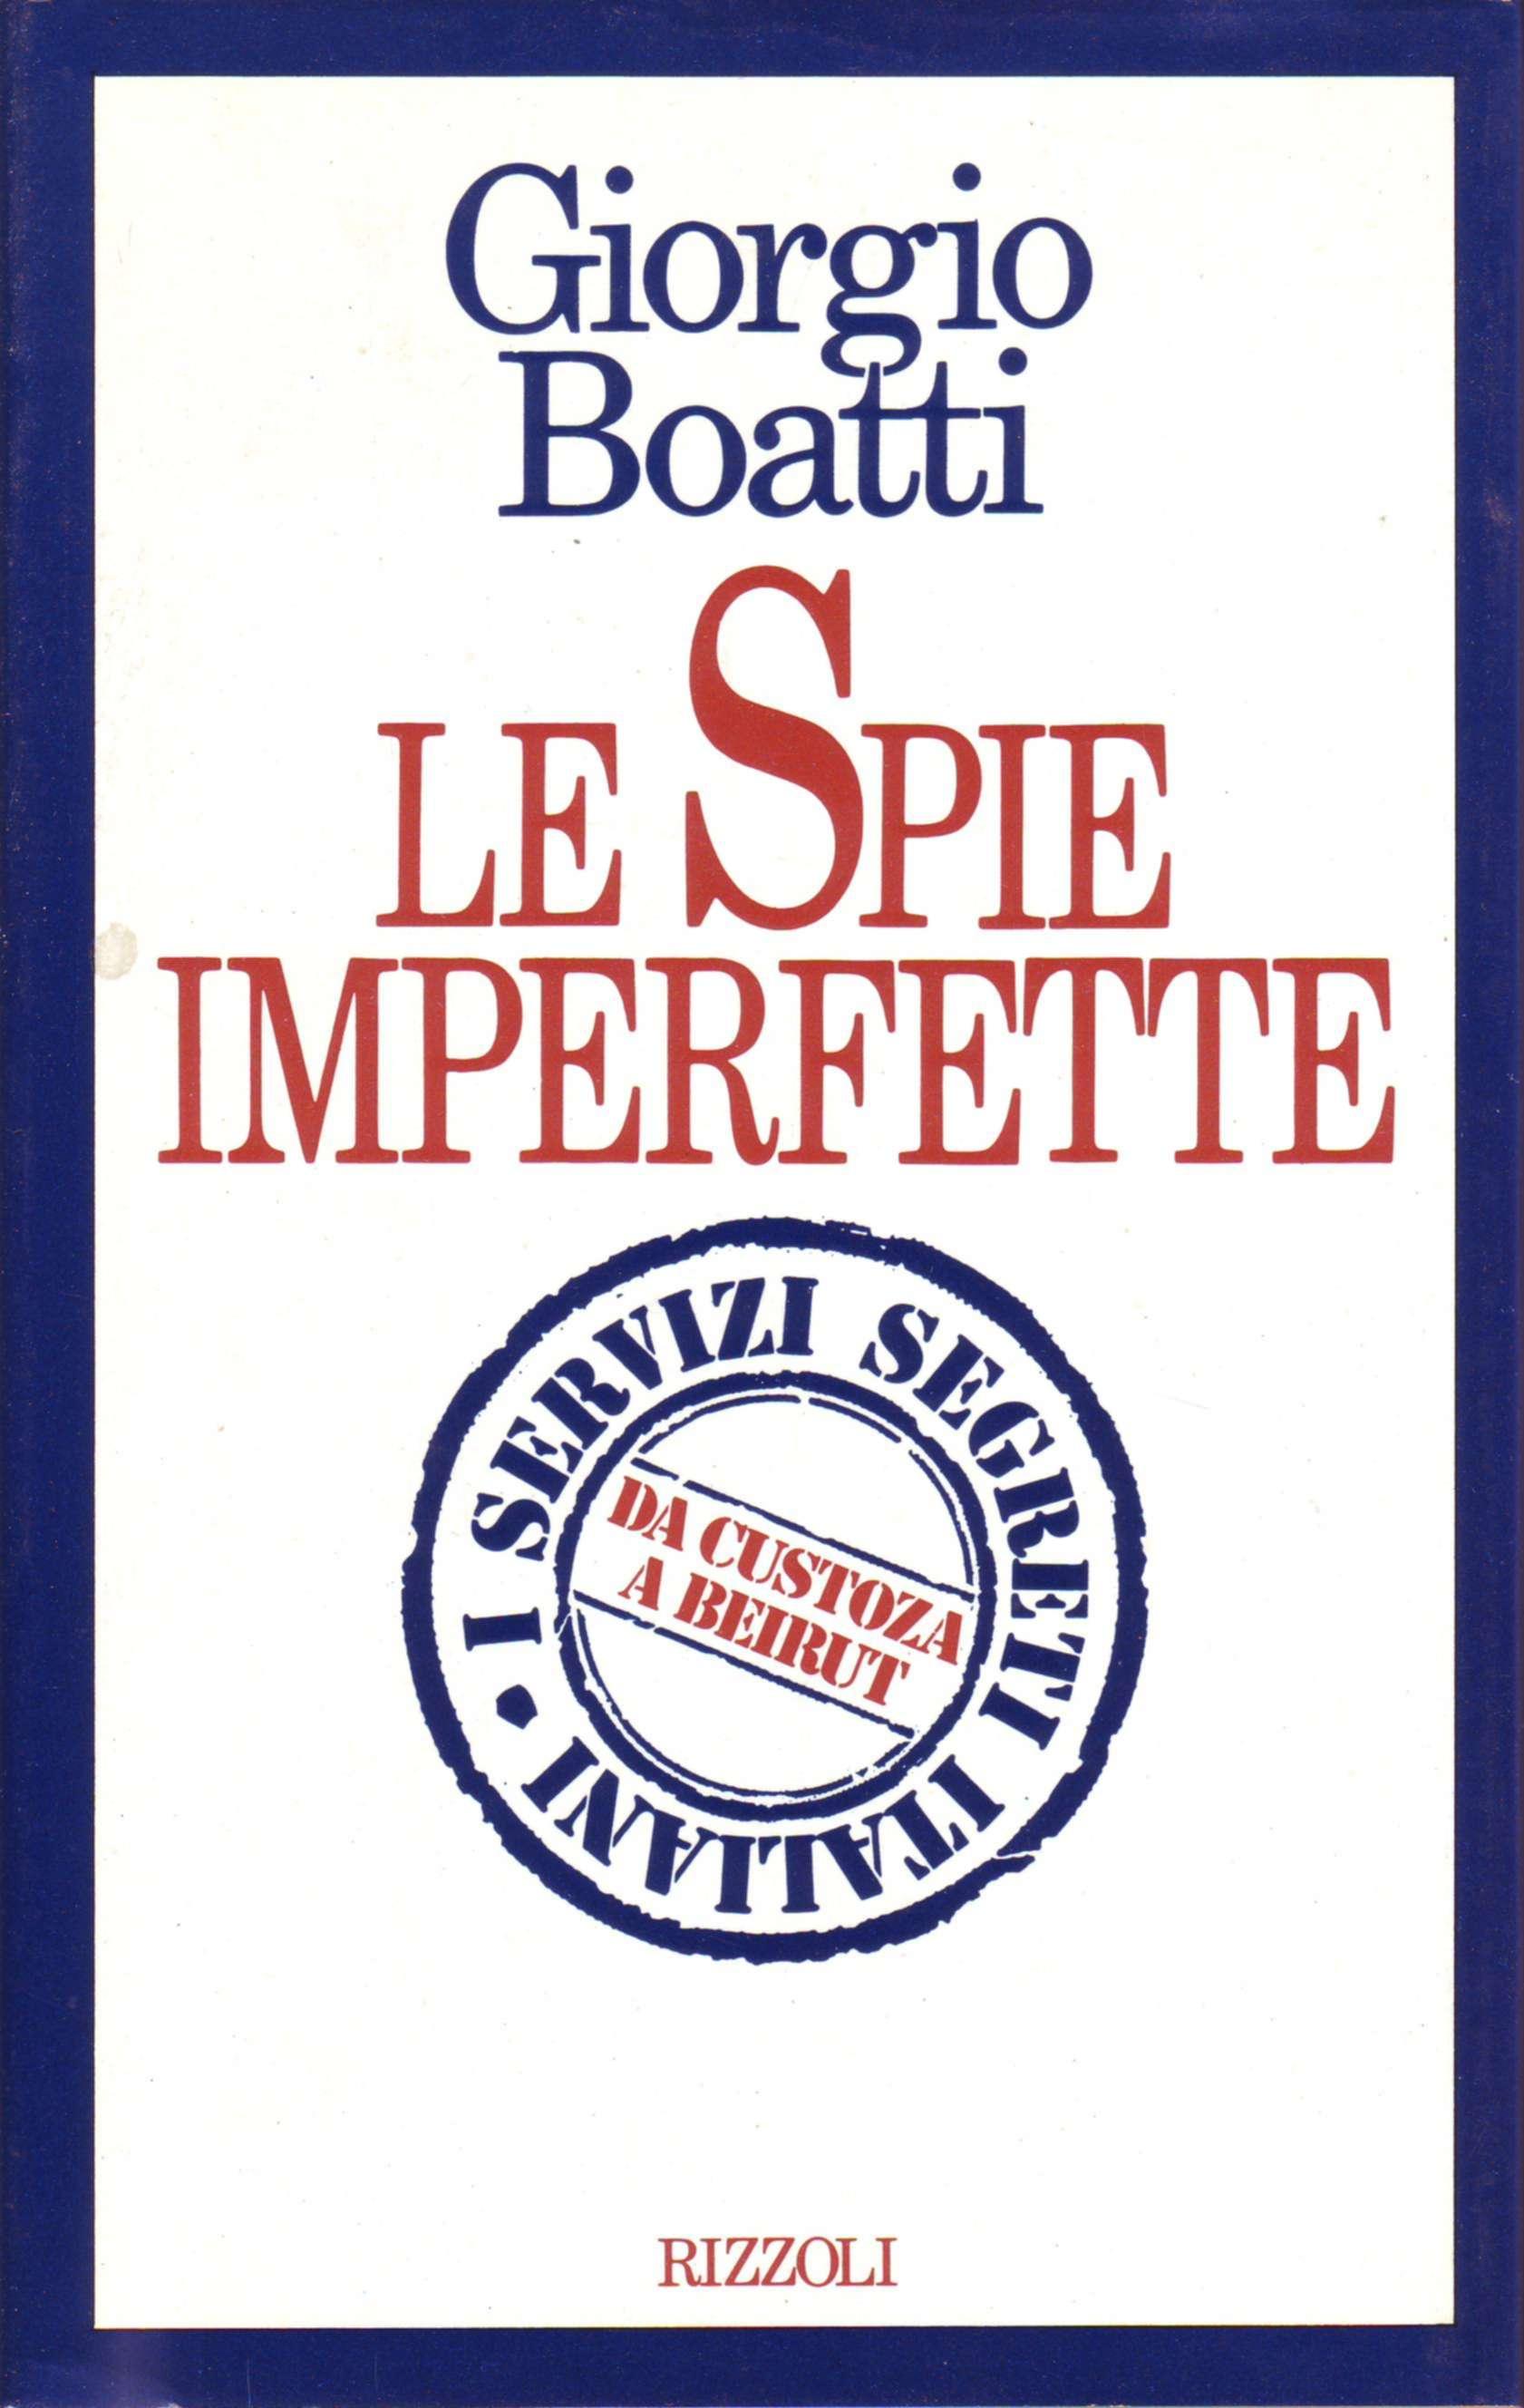 Le spie imperfette